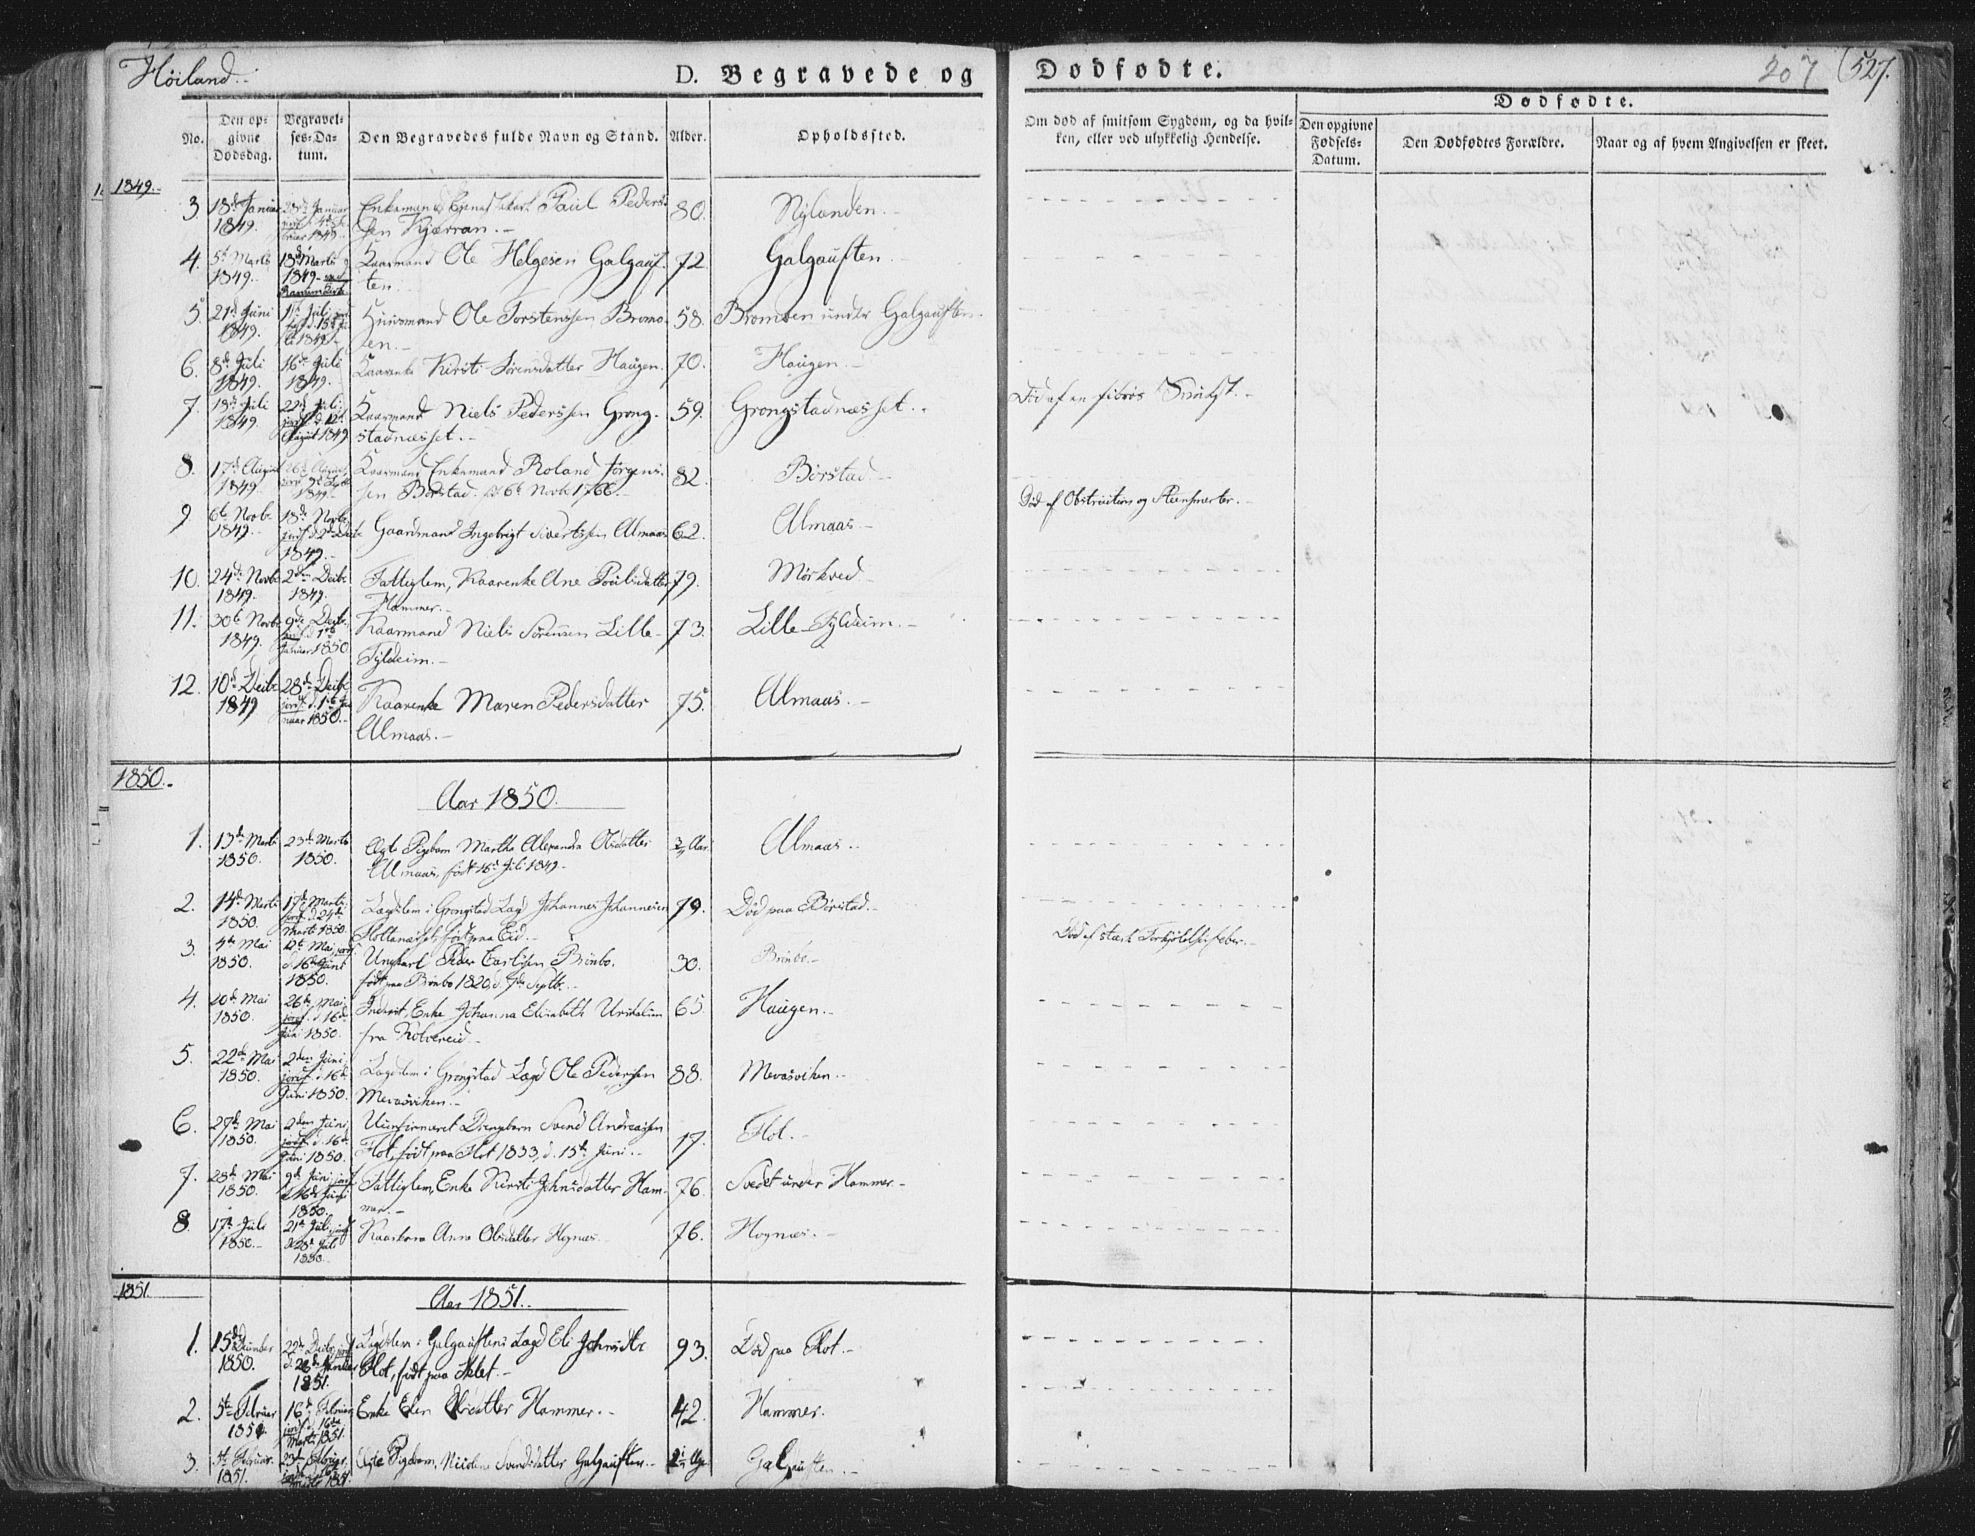 SAT, Ministerialprotokoller, klokkerbøker og fødselsregistre - Nord-Trøndelag, 758/L0513: Ministerialbok nr. 758A02 /2, 1839-1868, s. 207